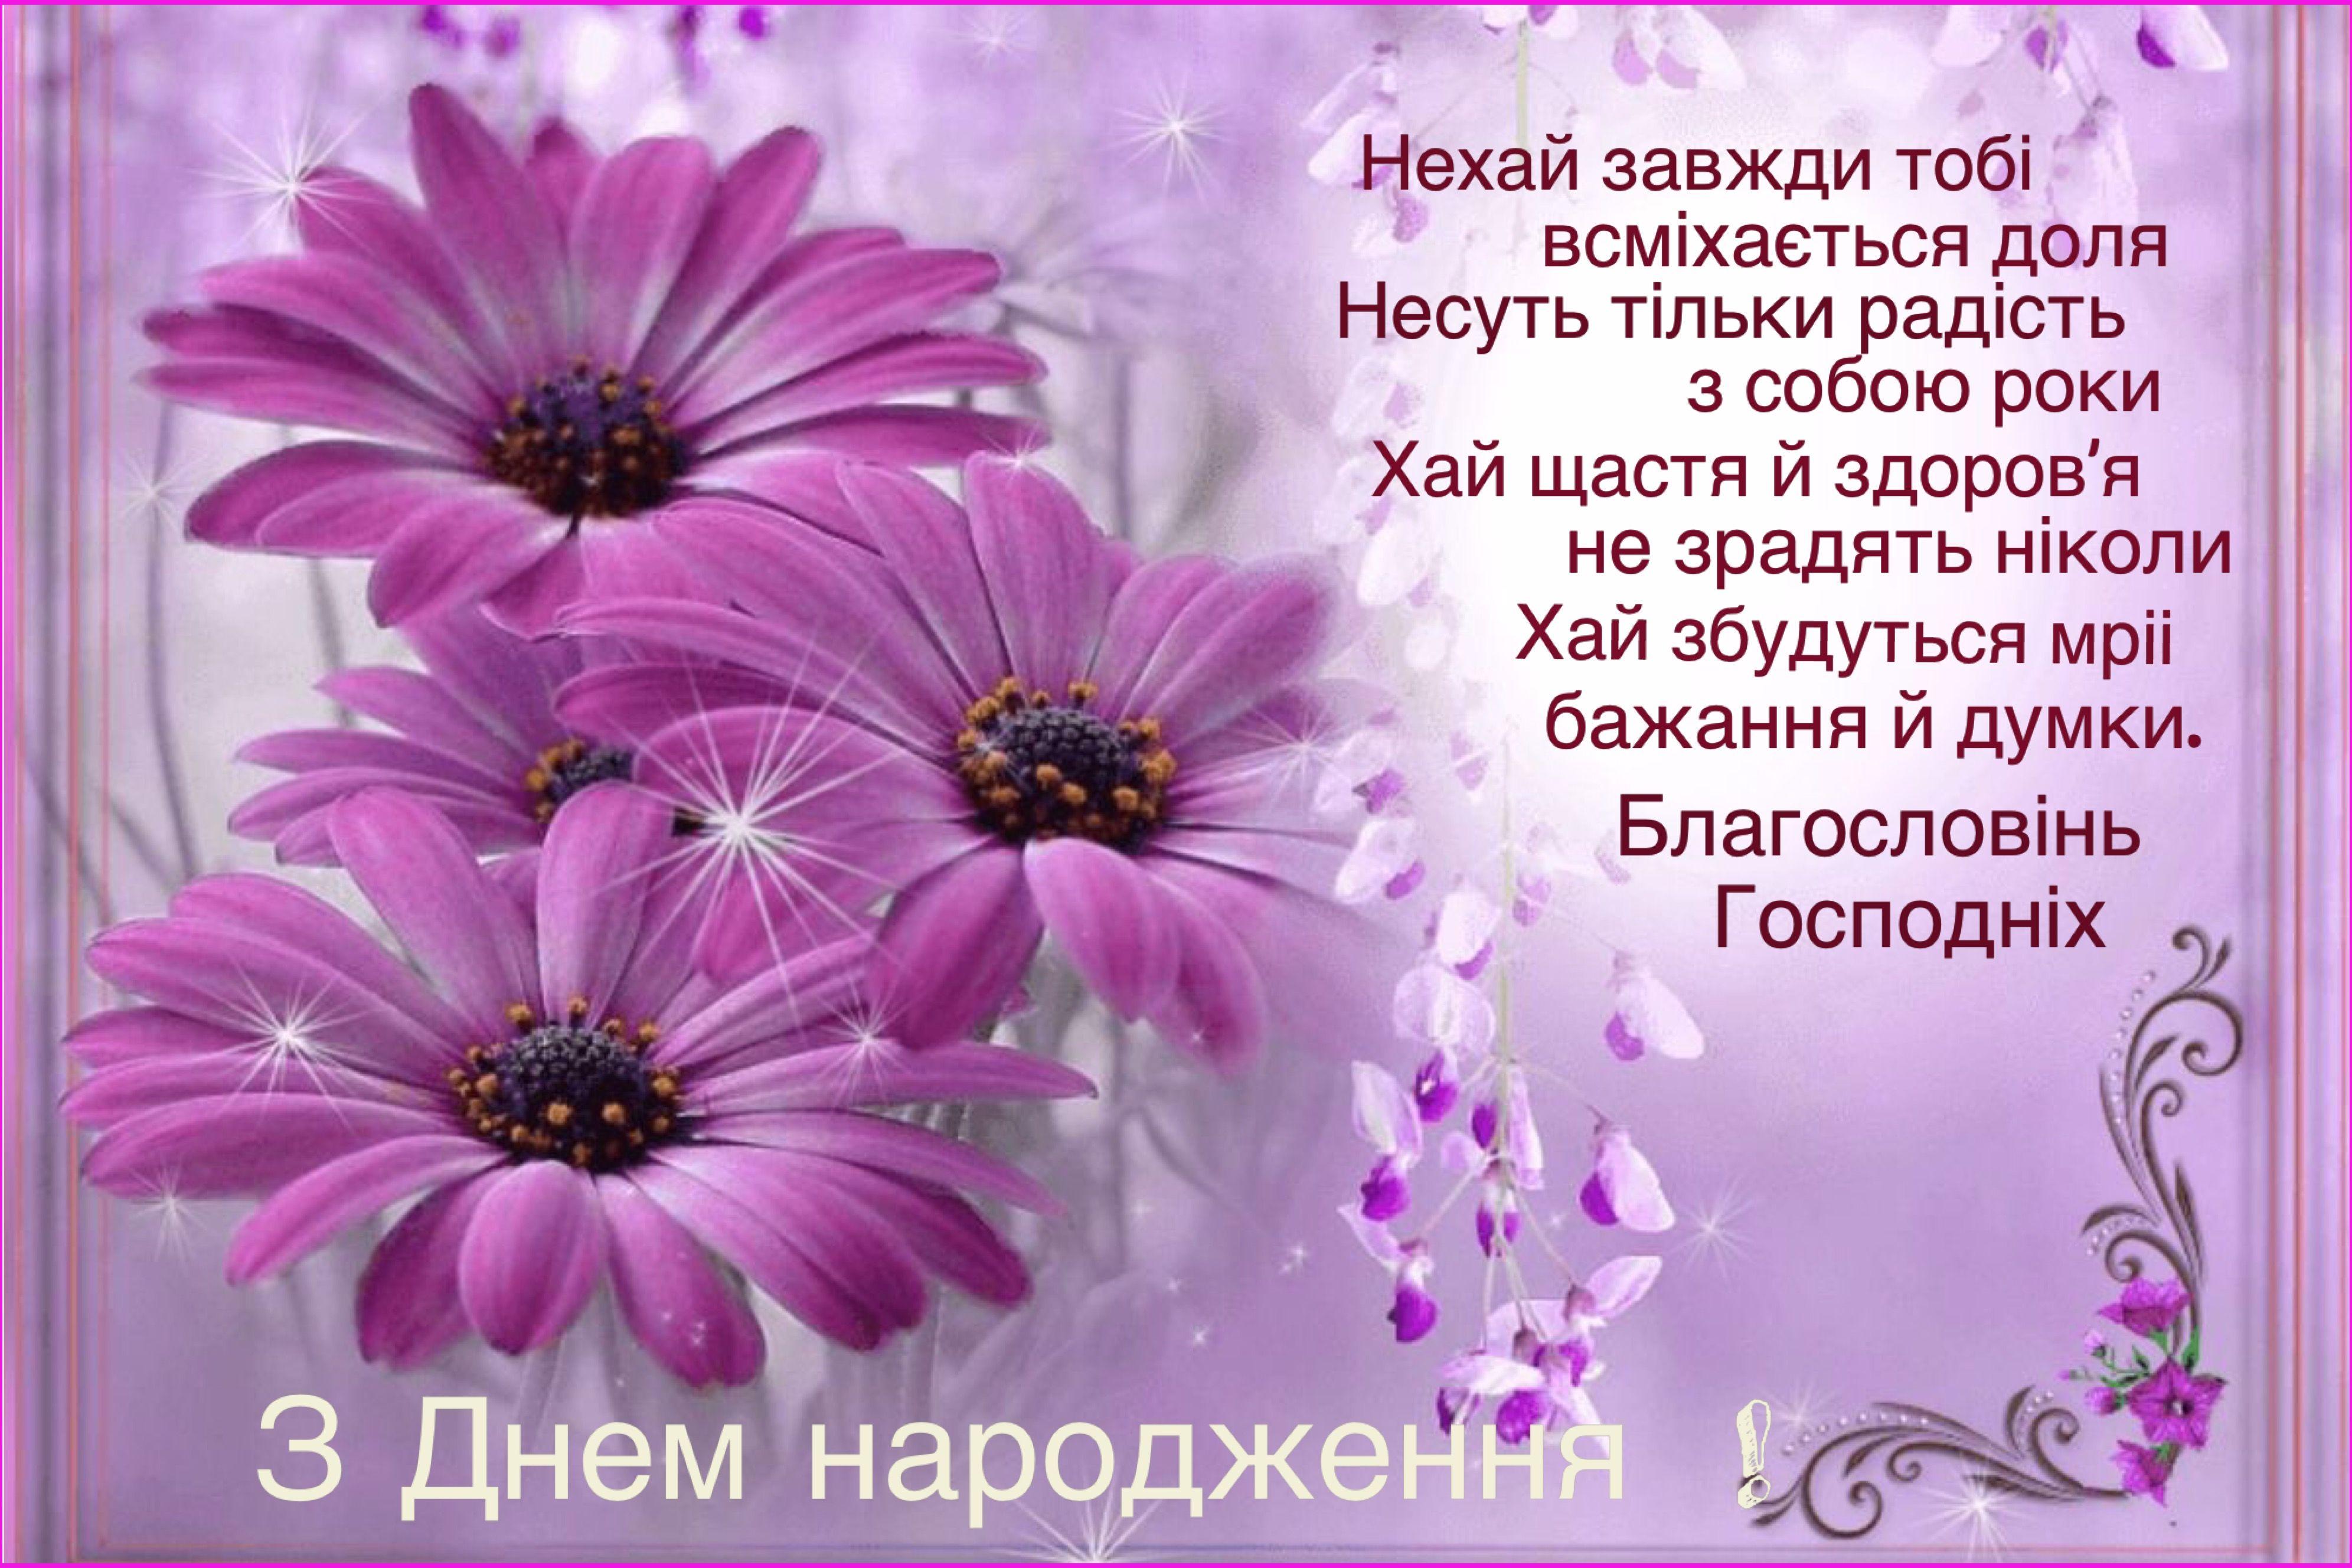 видов пожелания на украинской мове различаются